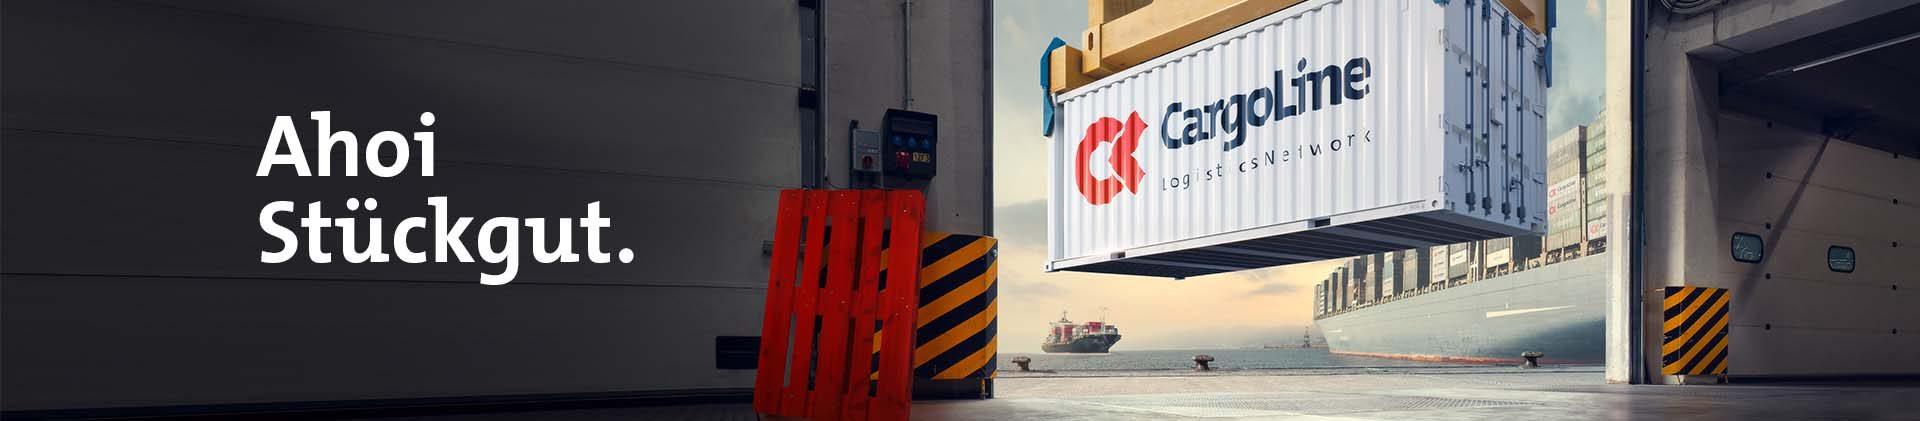 LCL Seefracht, Stückgut verschifffen, seafreight, ocean freight